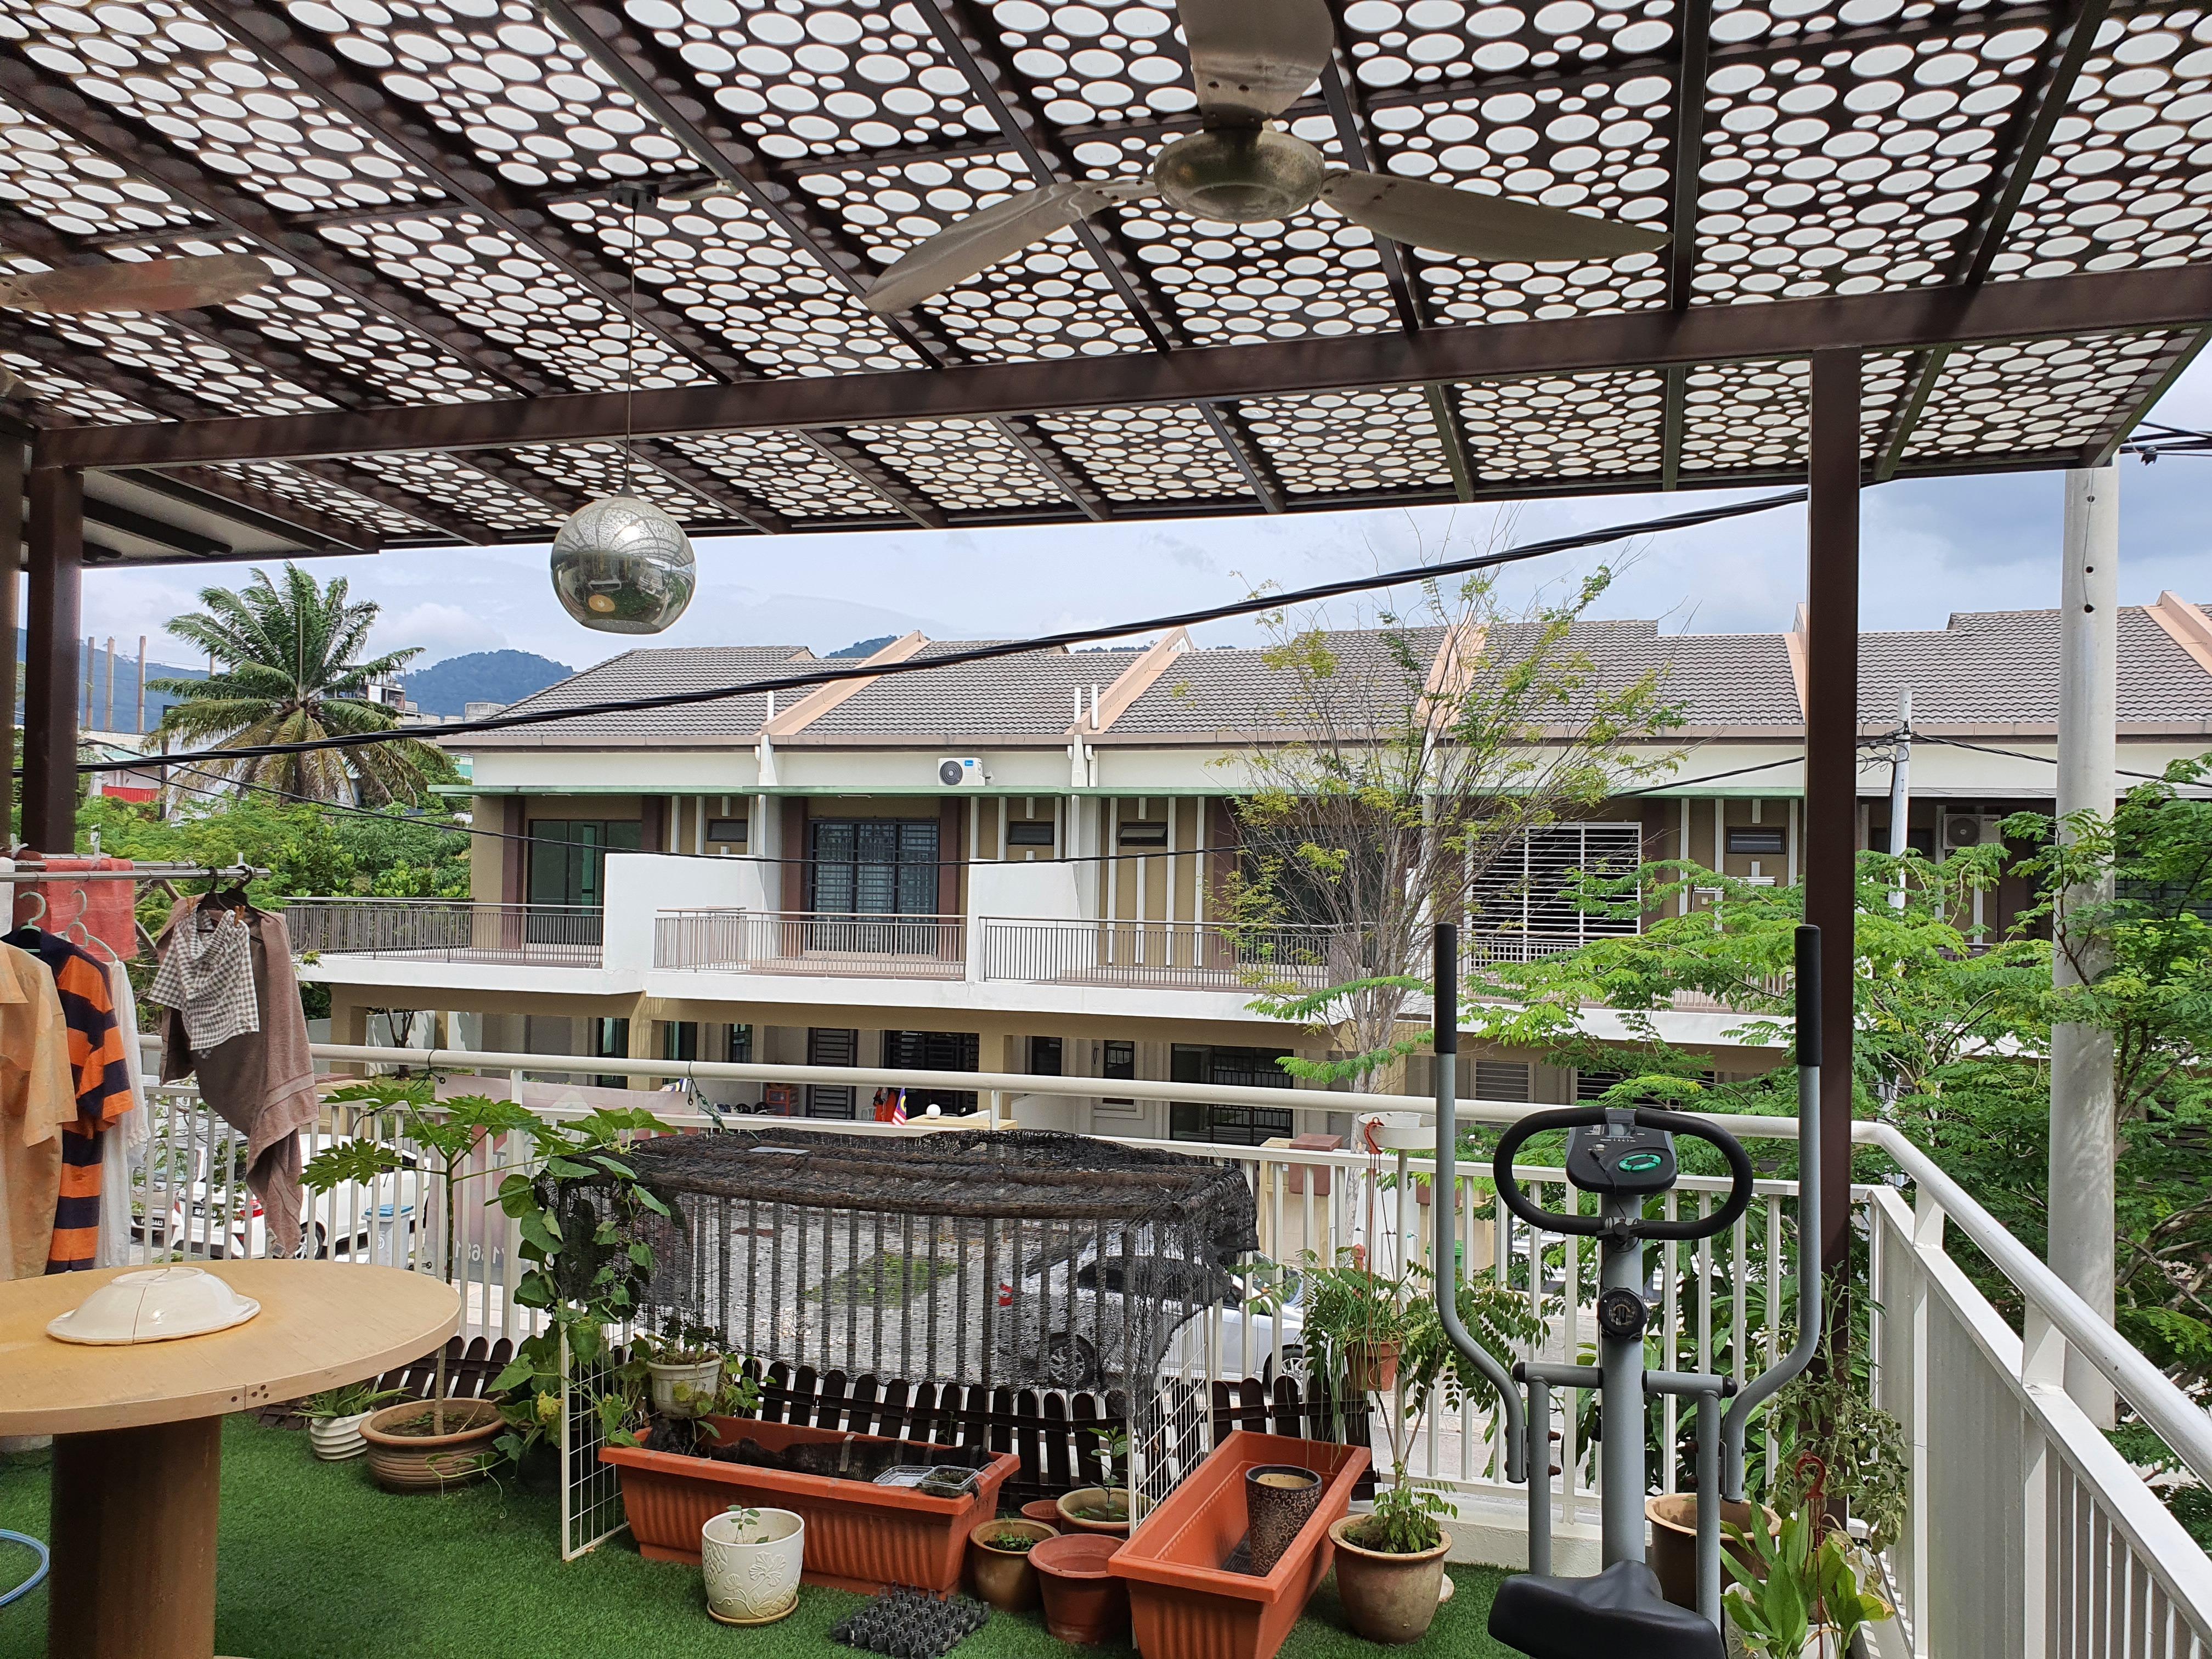 For Sale - D'Mayang Sari, Nilai